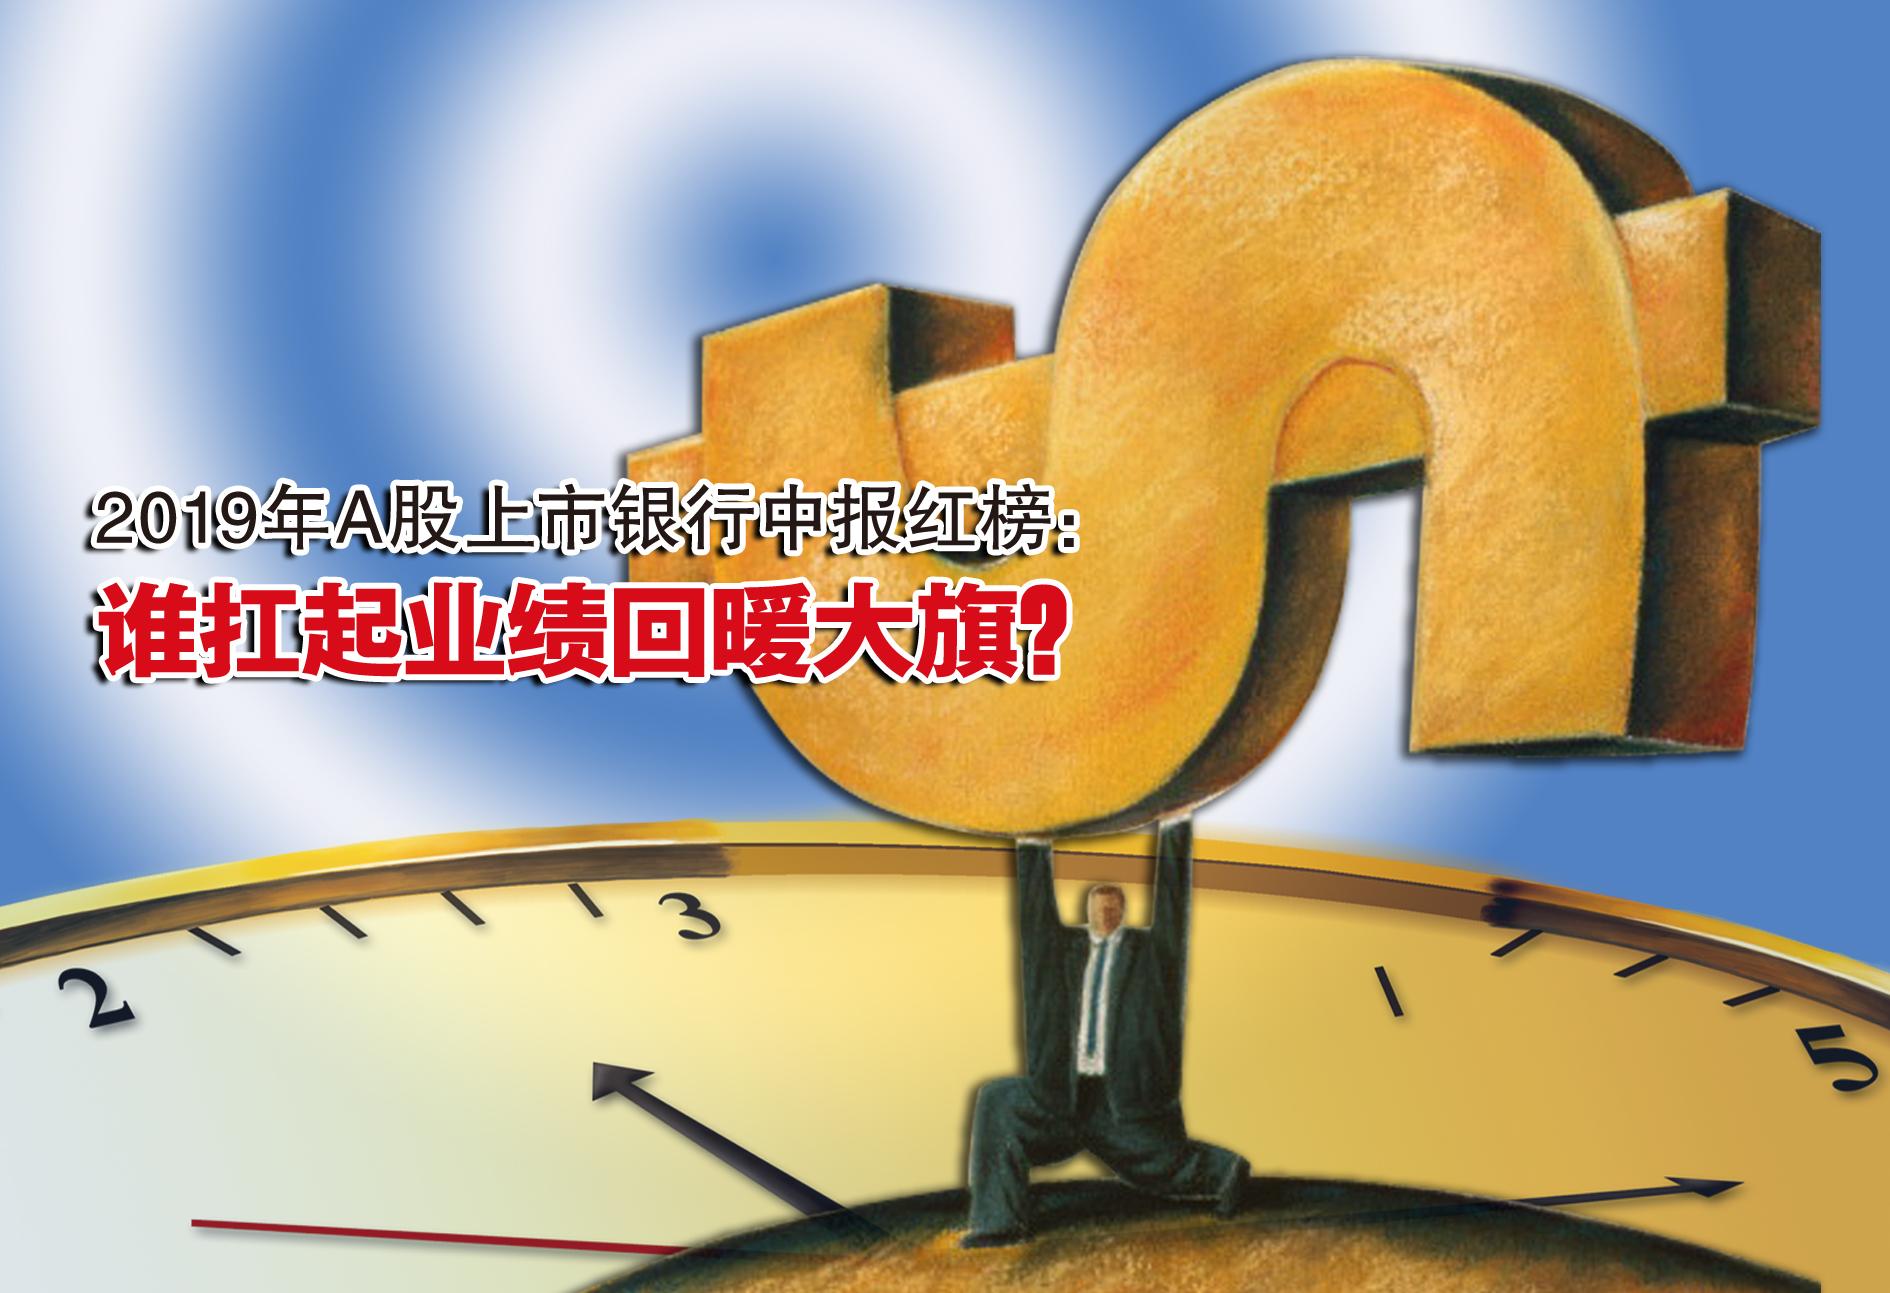 2019年A股上市银行中报红榜:谁扛起业绩回暖大旗?